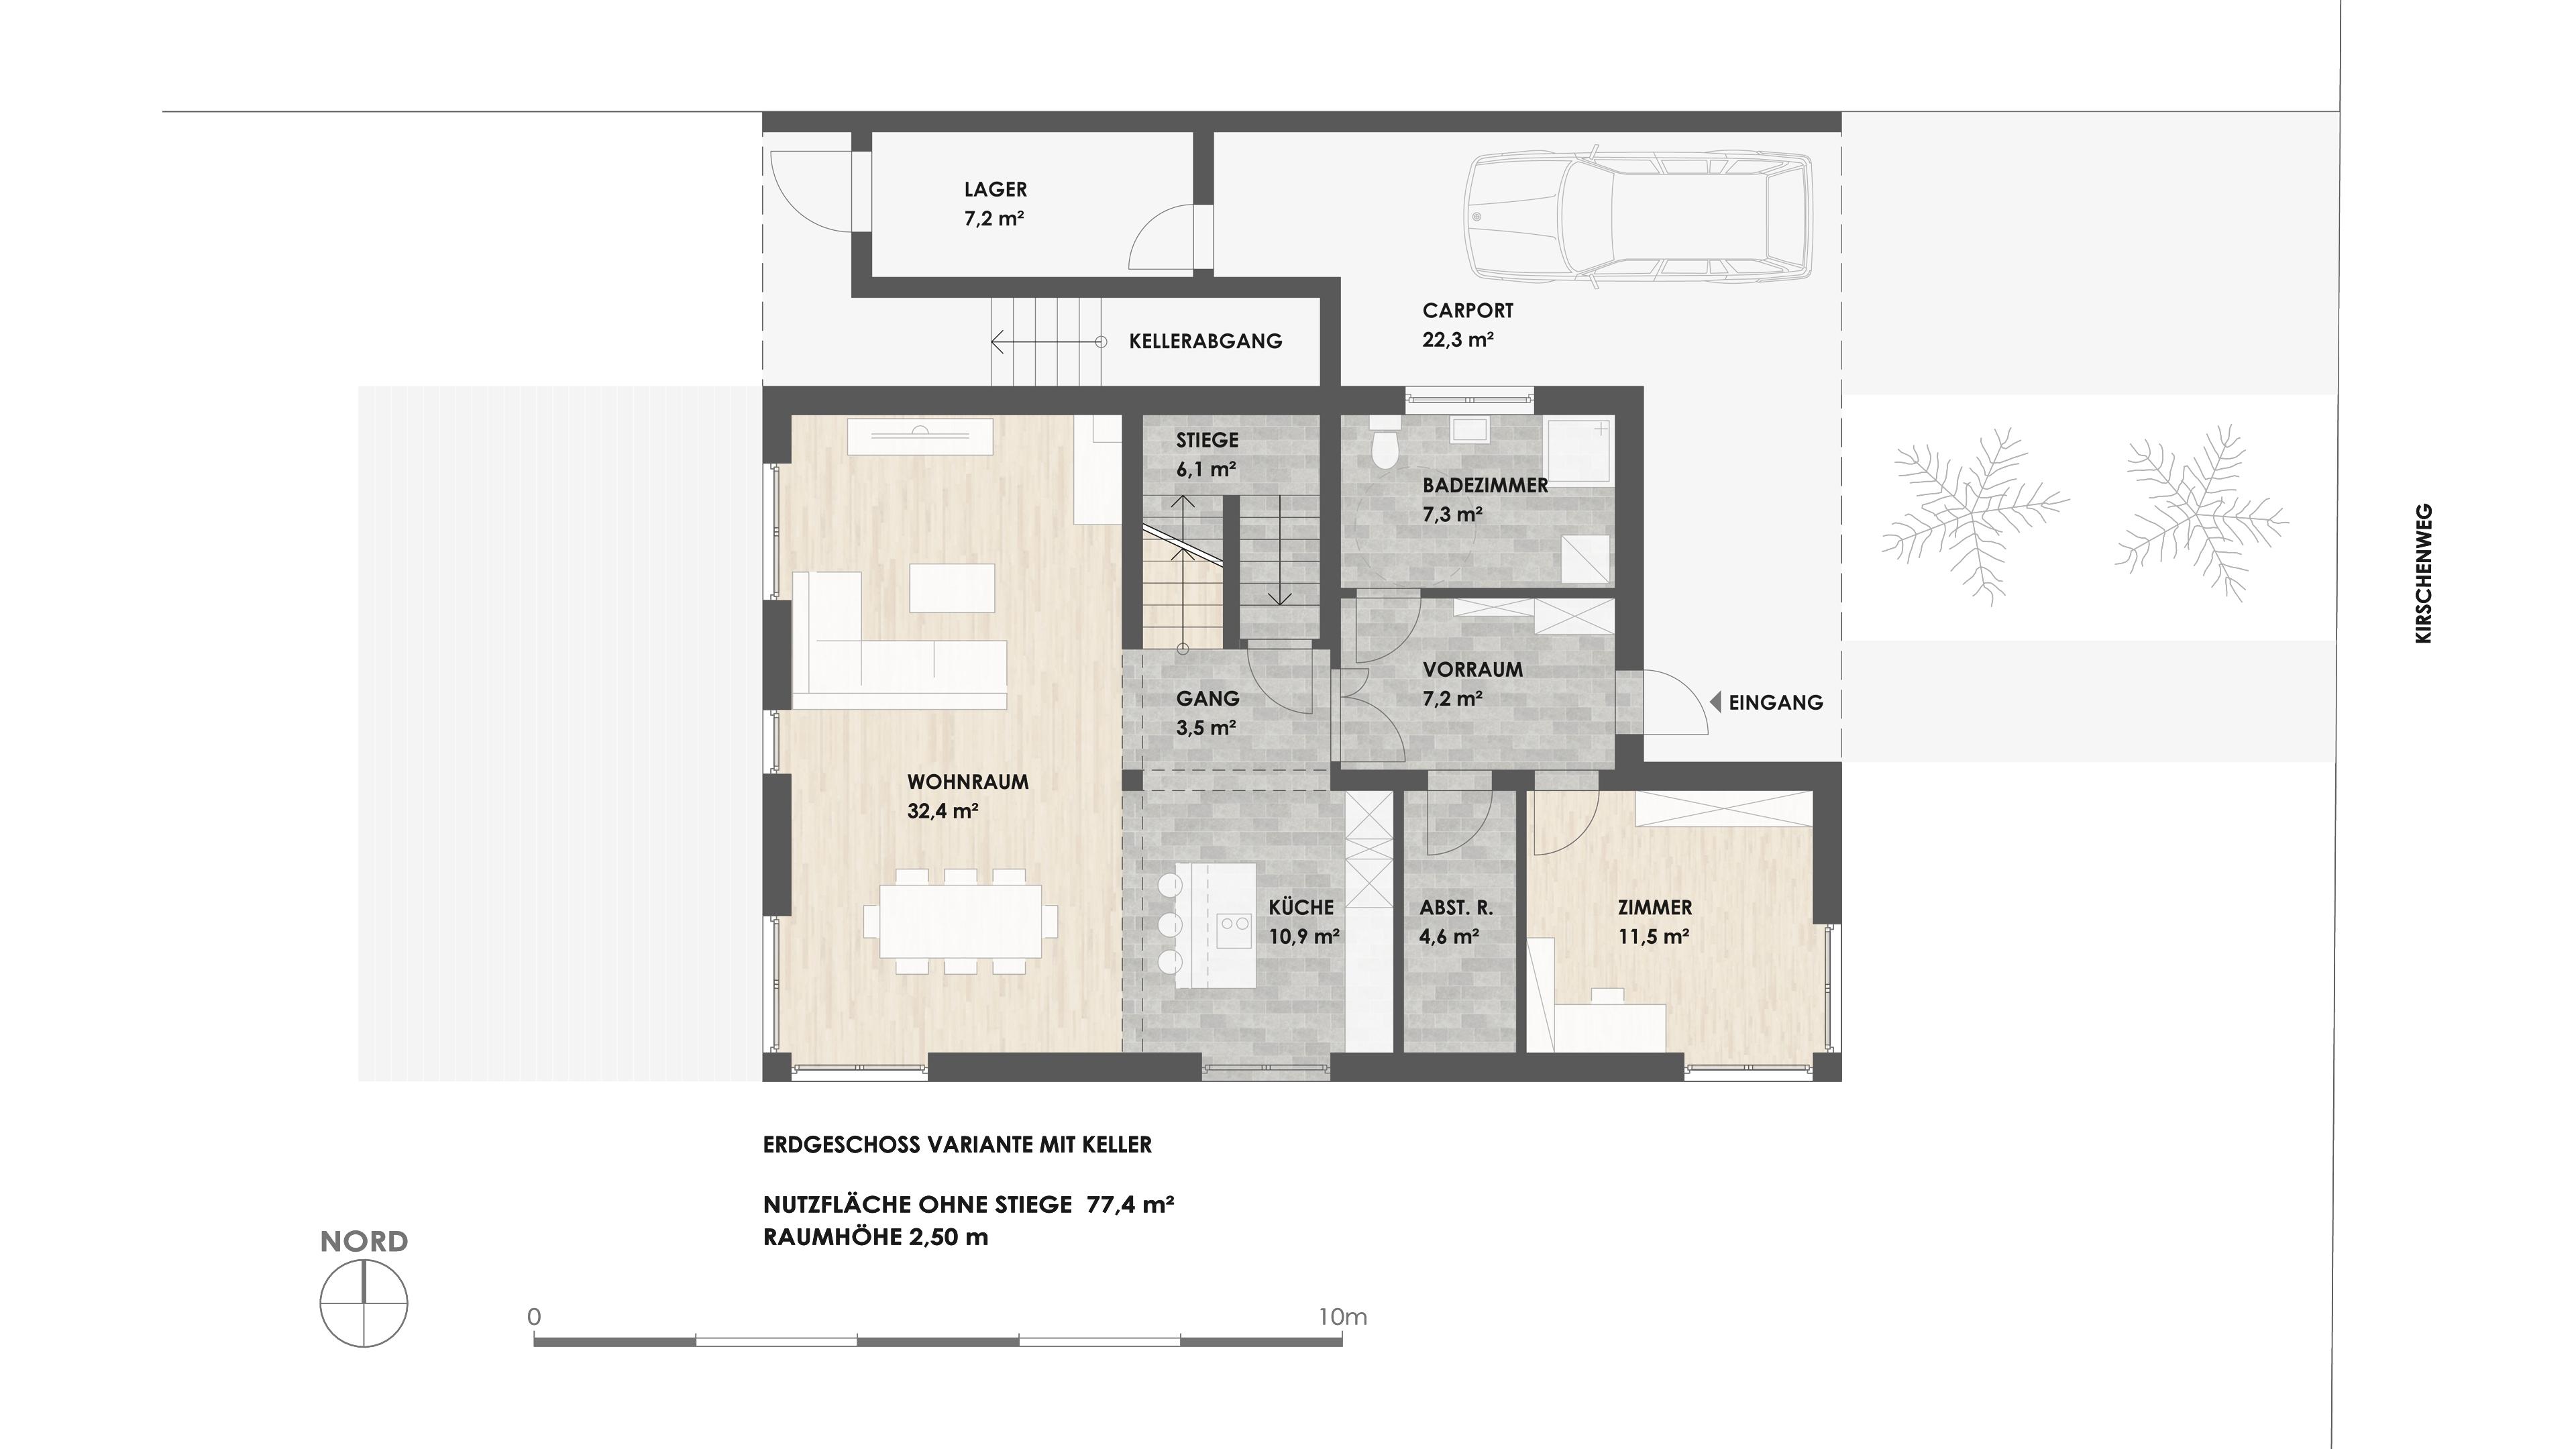 Grundriss EG mit Keller - zur Detailansicht